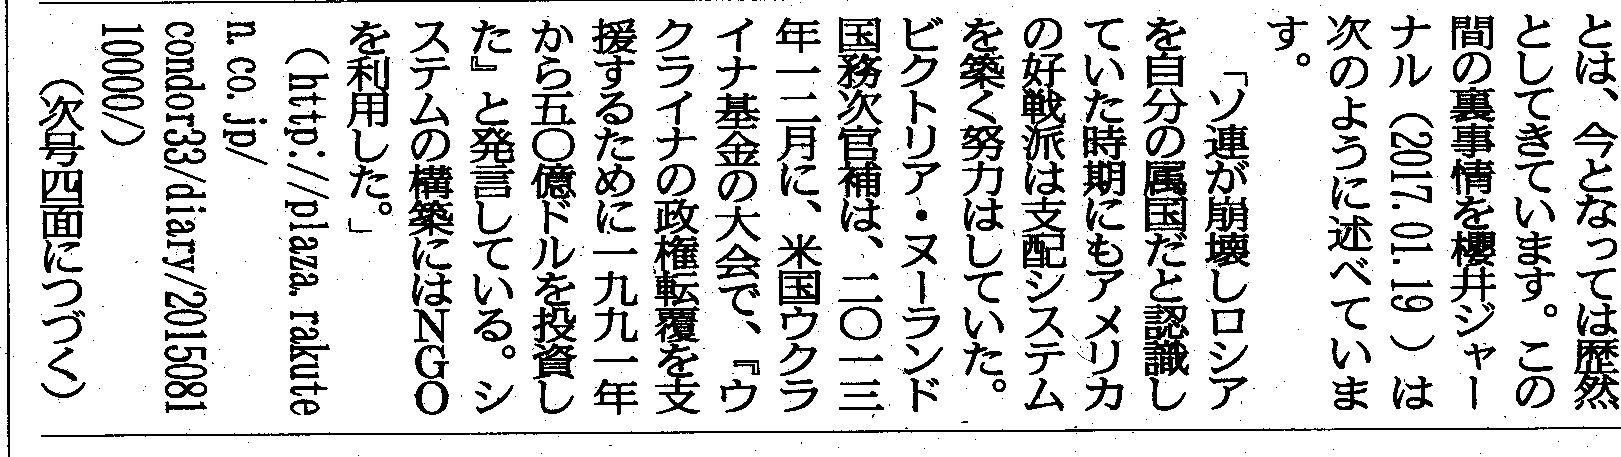 長州新聞20190208神に選ばれた国と神に選ばれた民に未来はあるか206